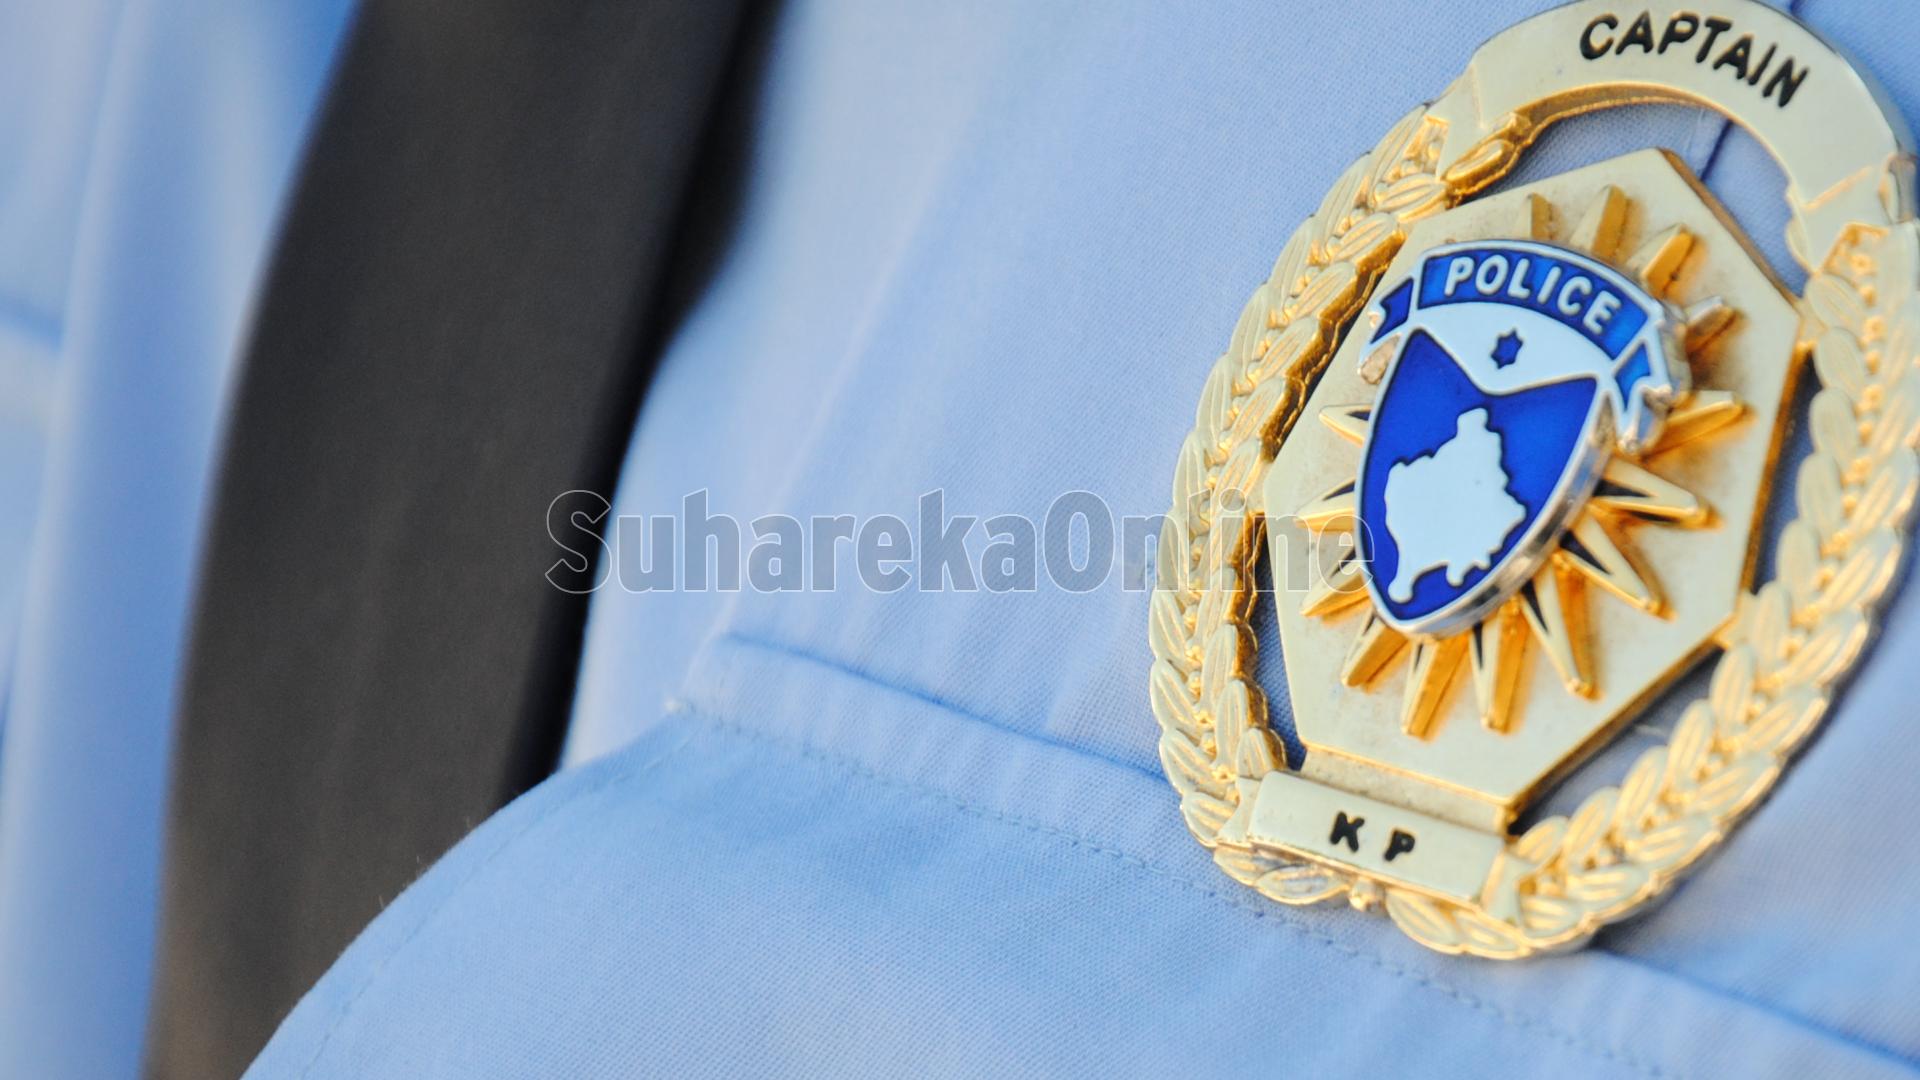 Brenda dy jave në Suharekë u raportuan 2 raste gjuajtje me armë, 8 vjedhje…